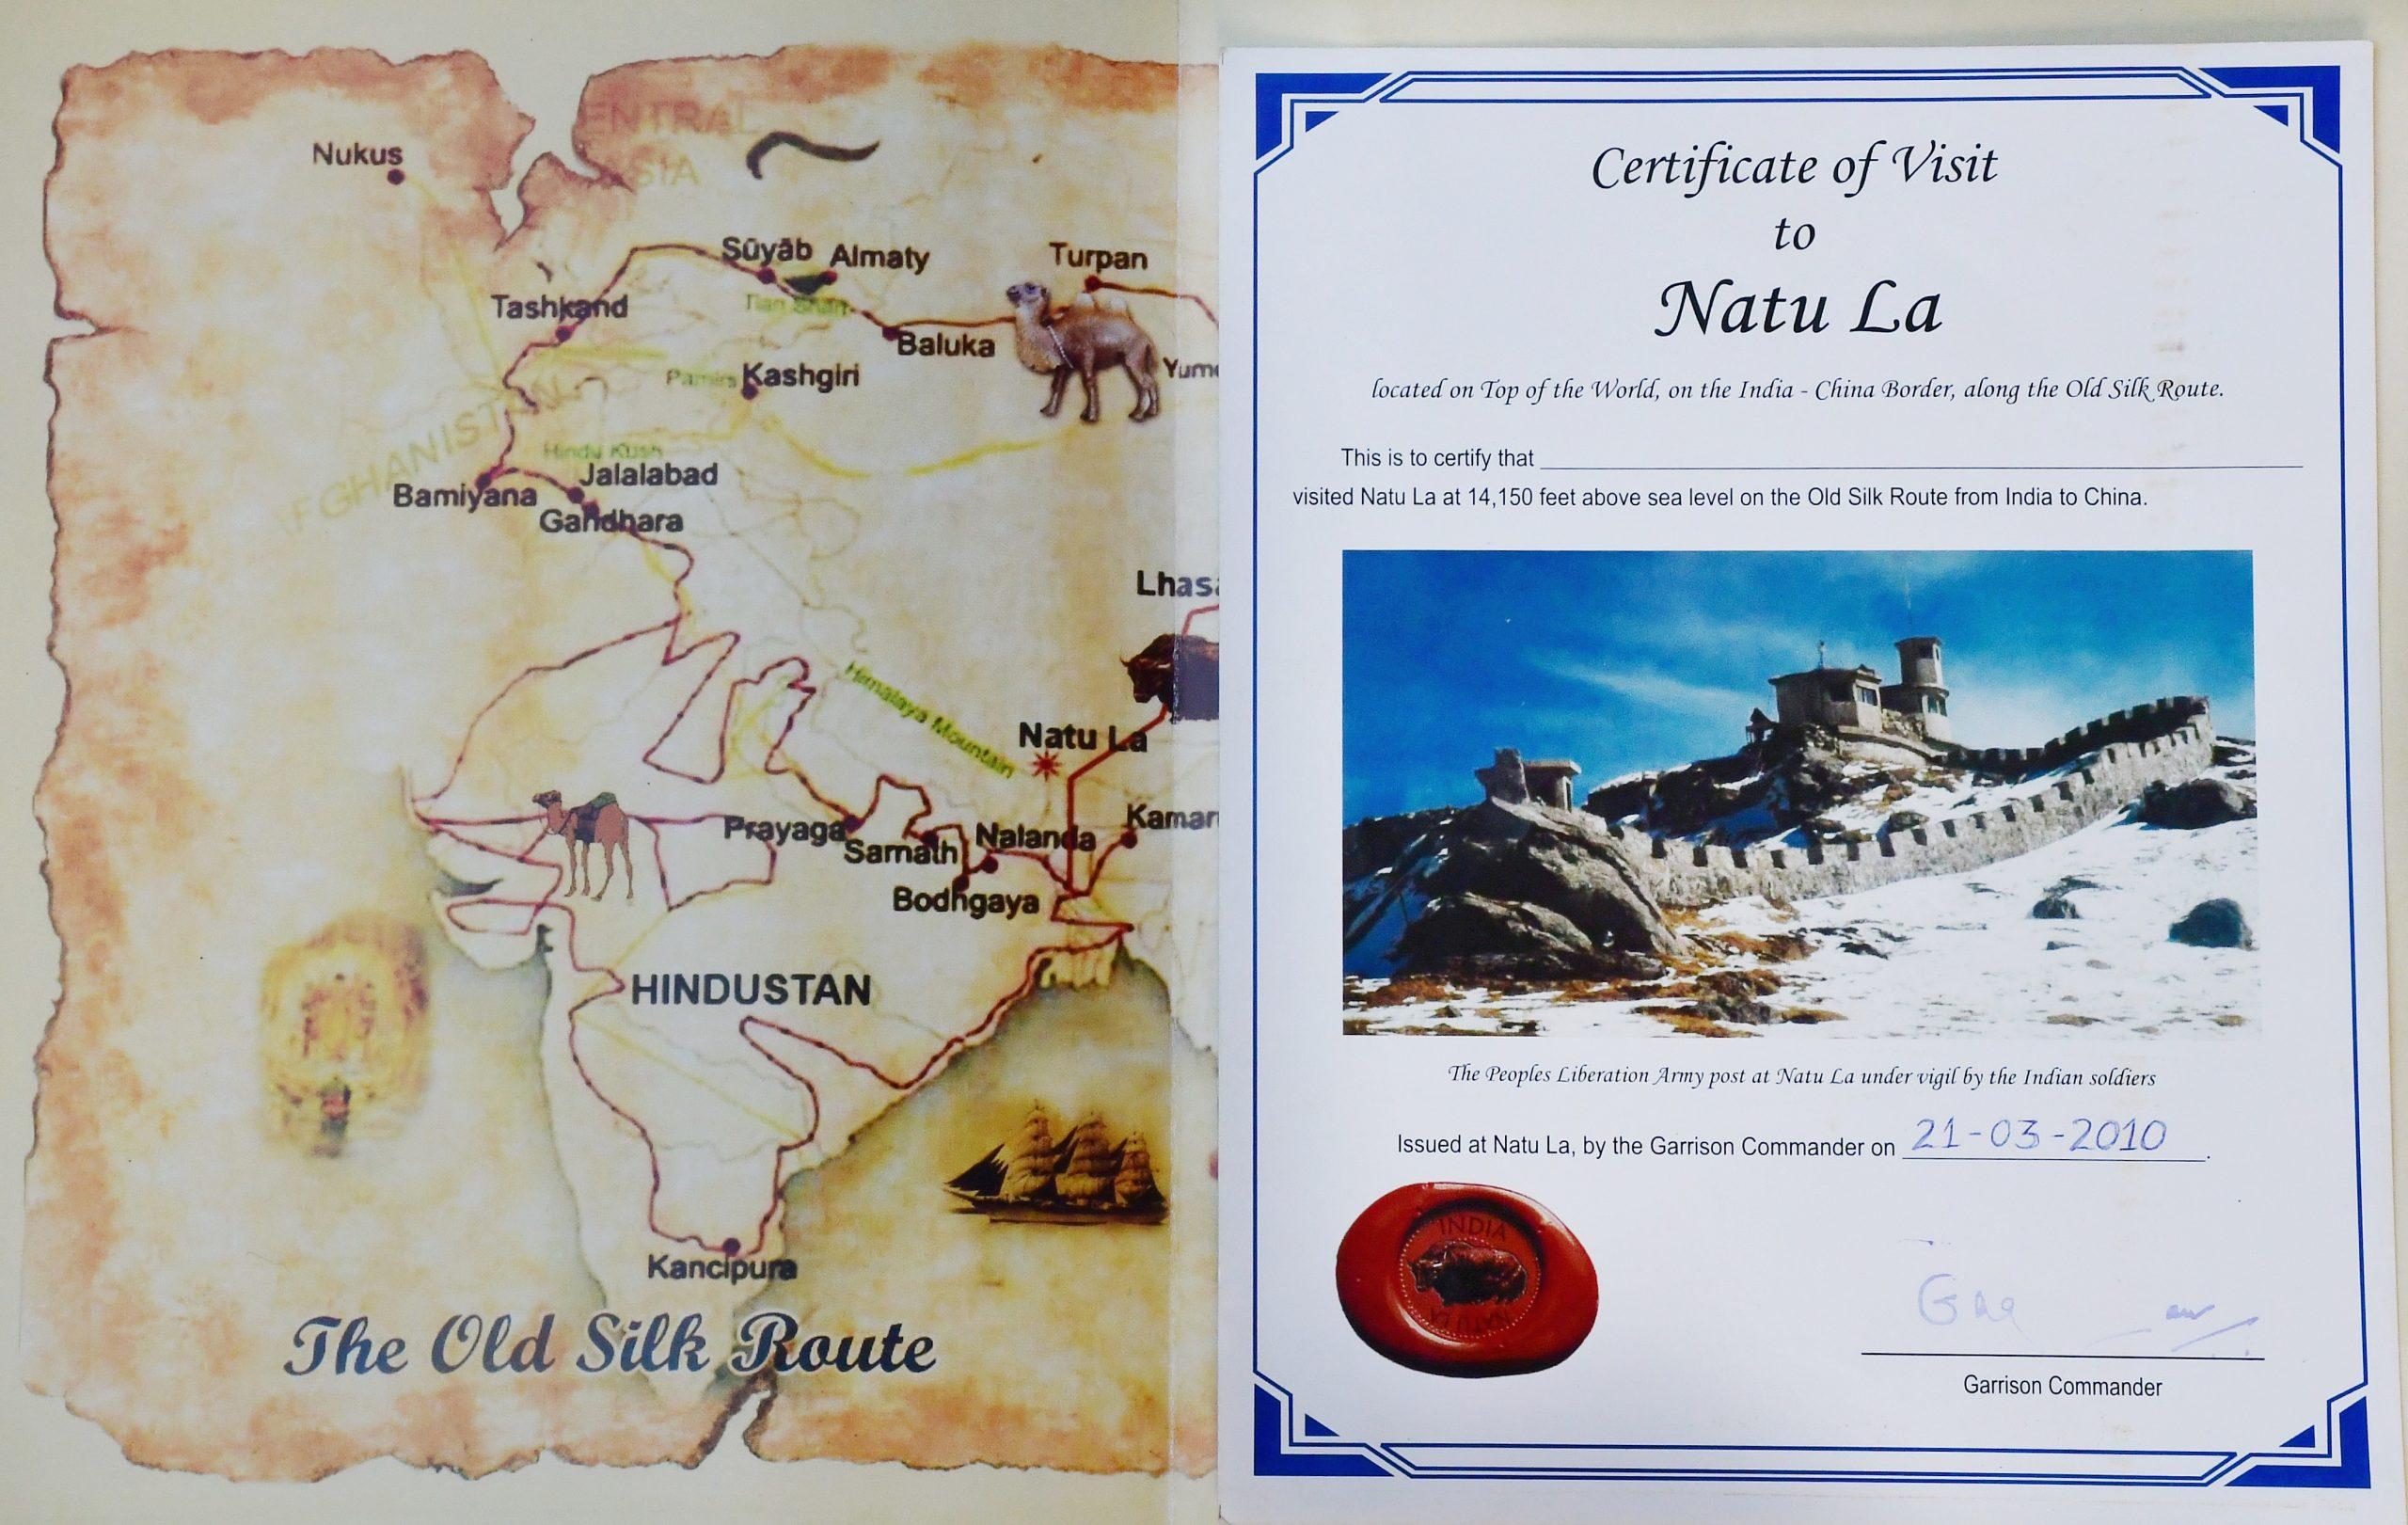 Certificate of Visit